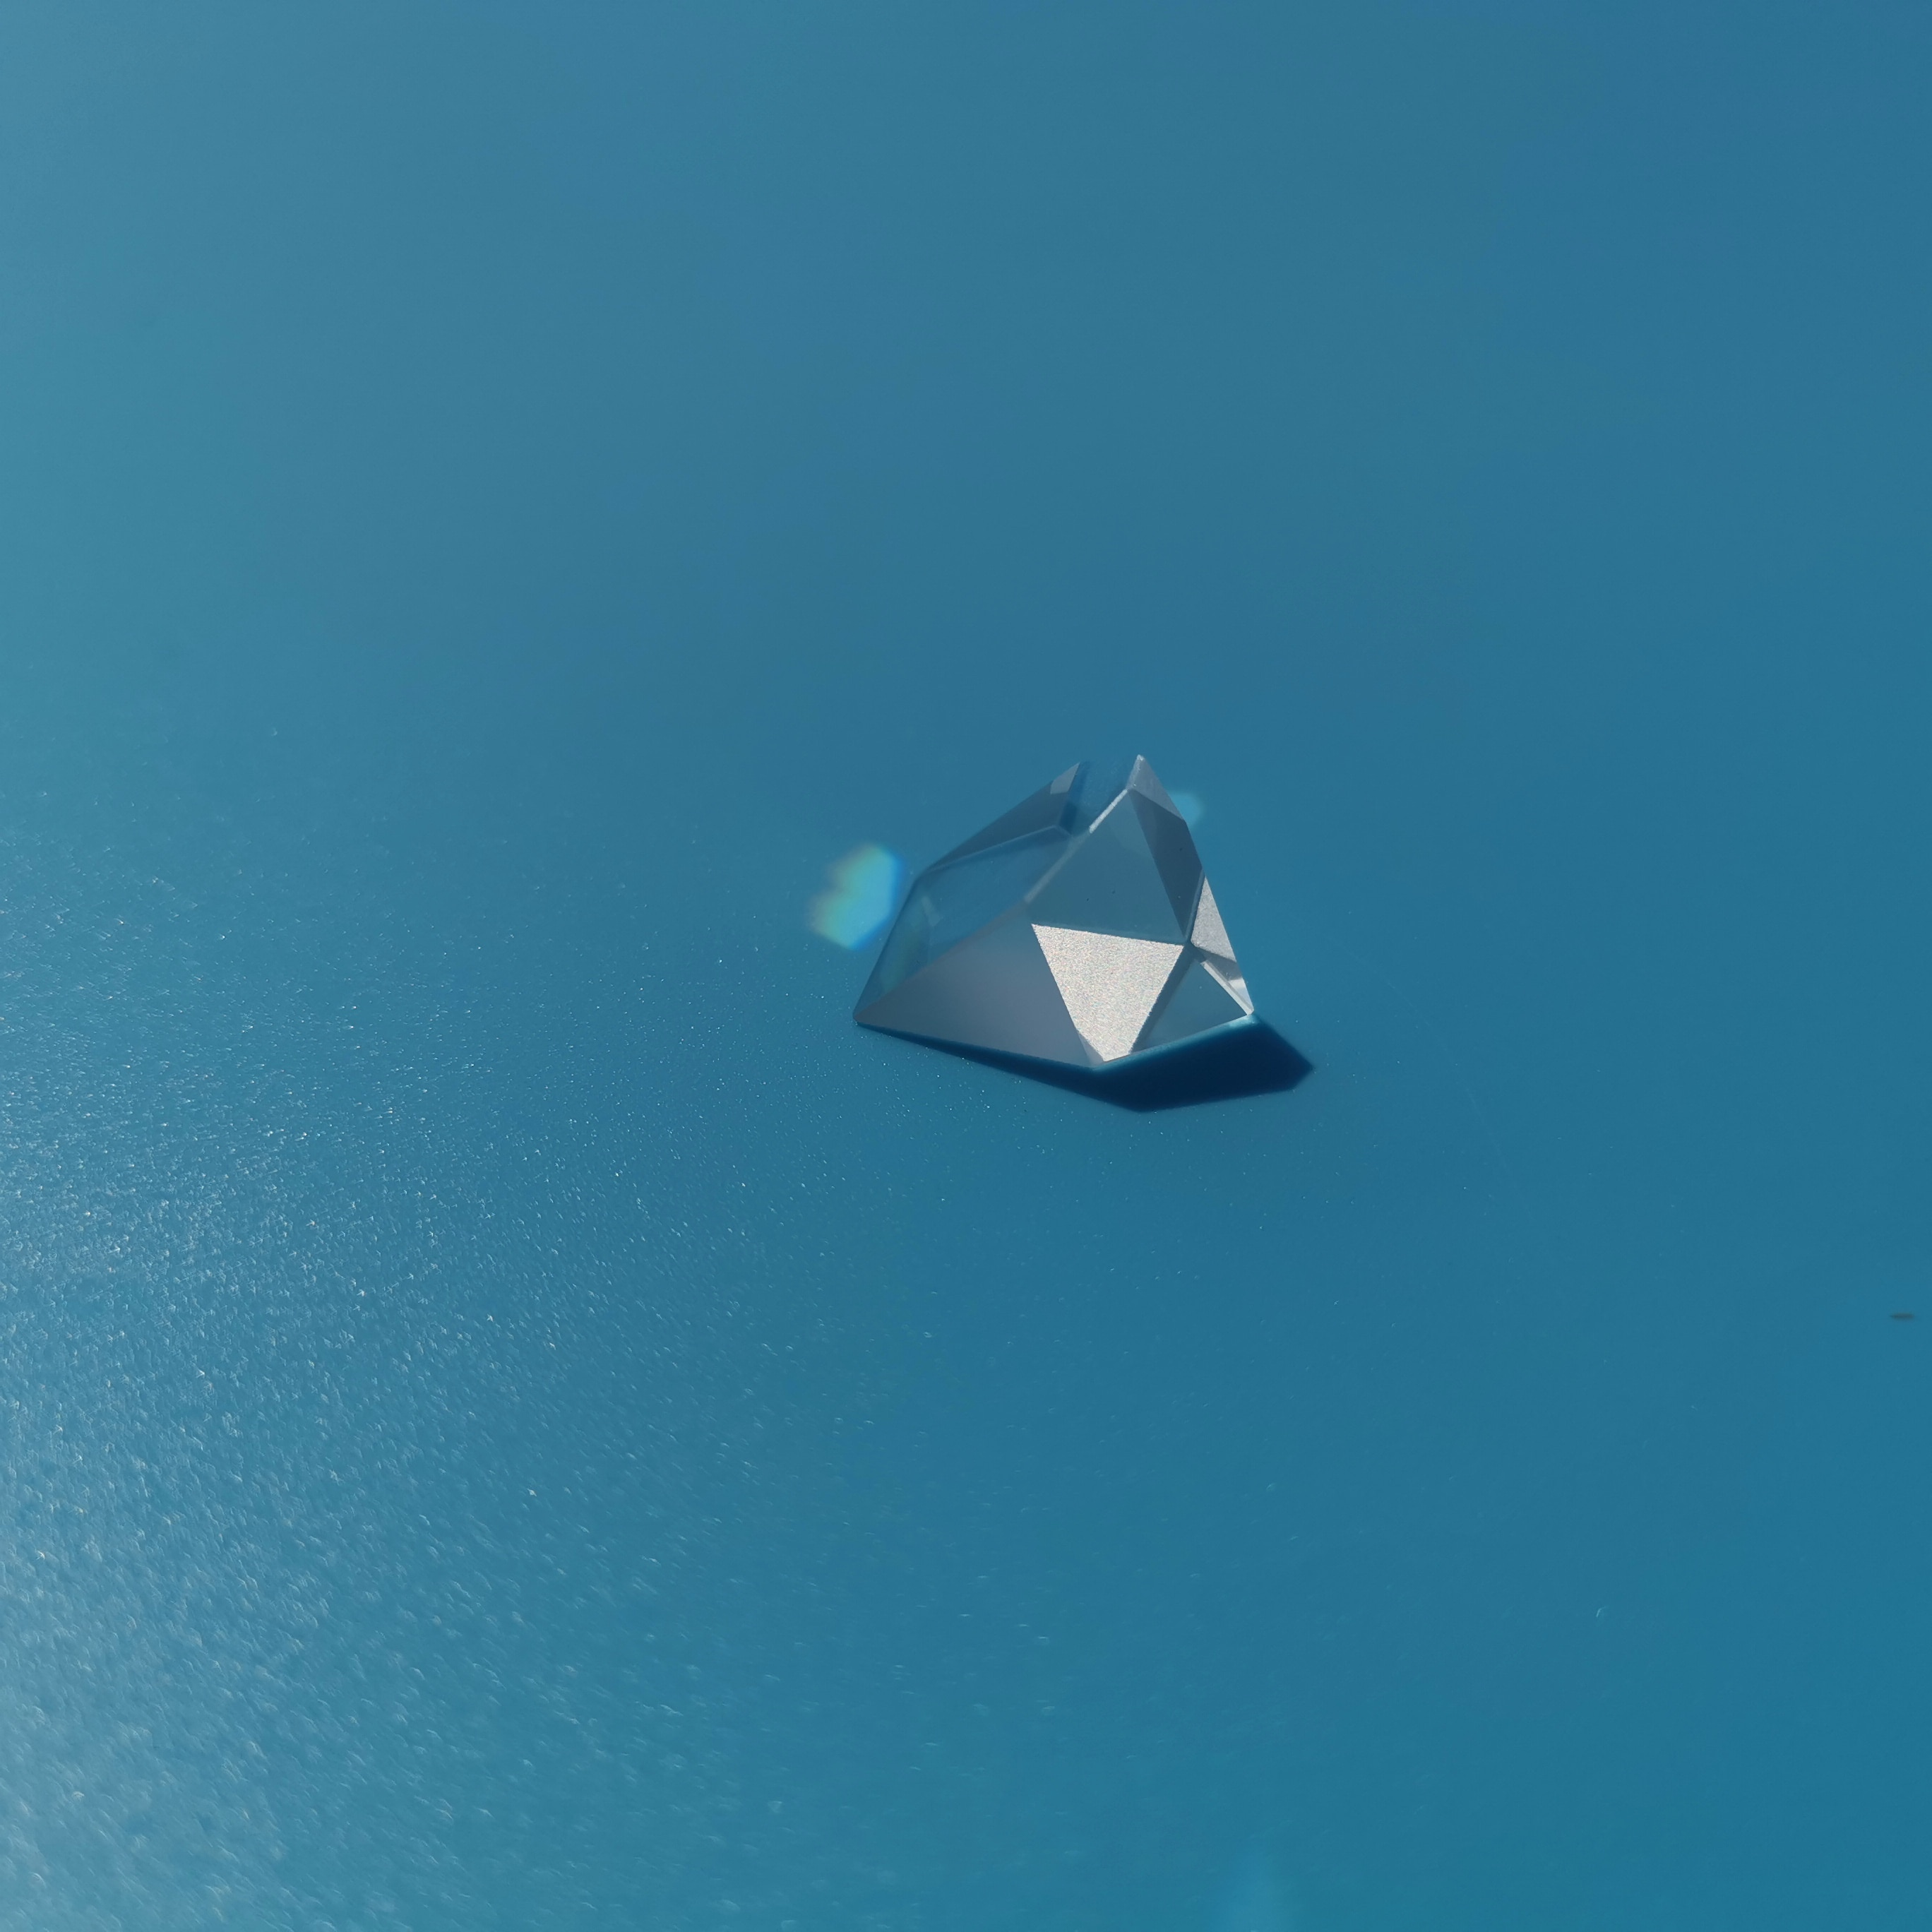 200 قطعة المنشور البصري K9 الزجاج التصوير من لون قوس قزح ميتسوبيشي مرآة المنشور نصف سقف و مضلع الشخصي